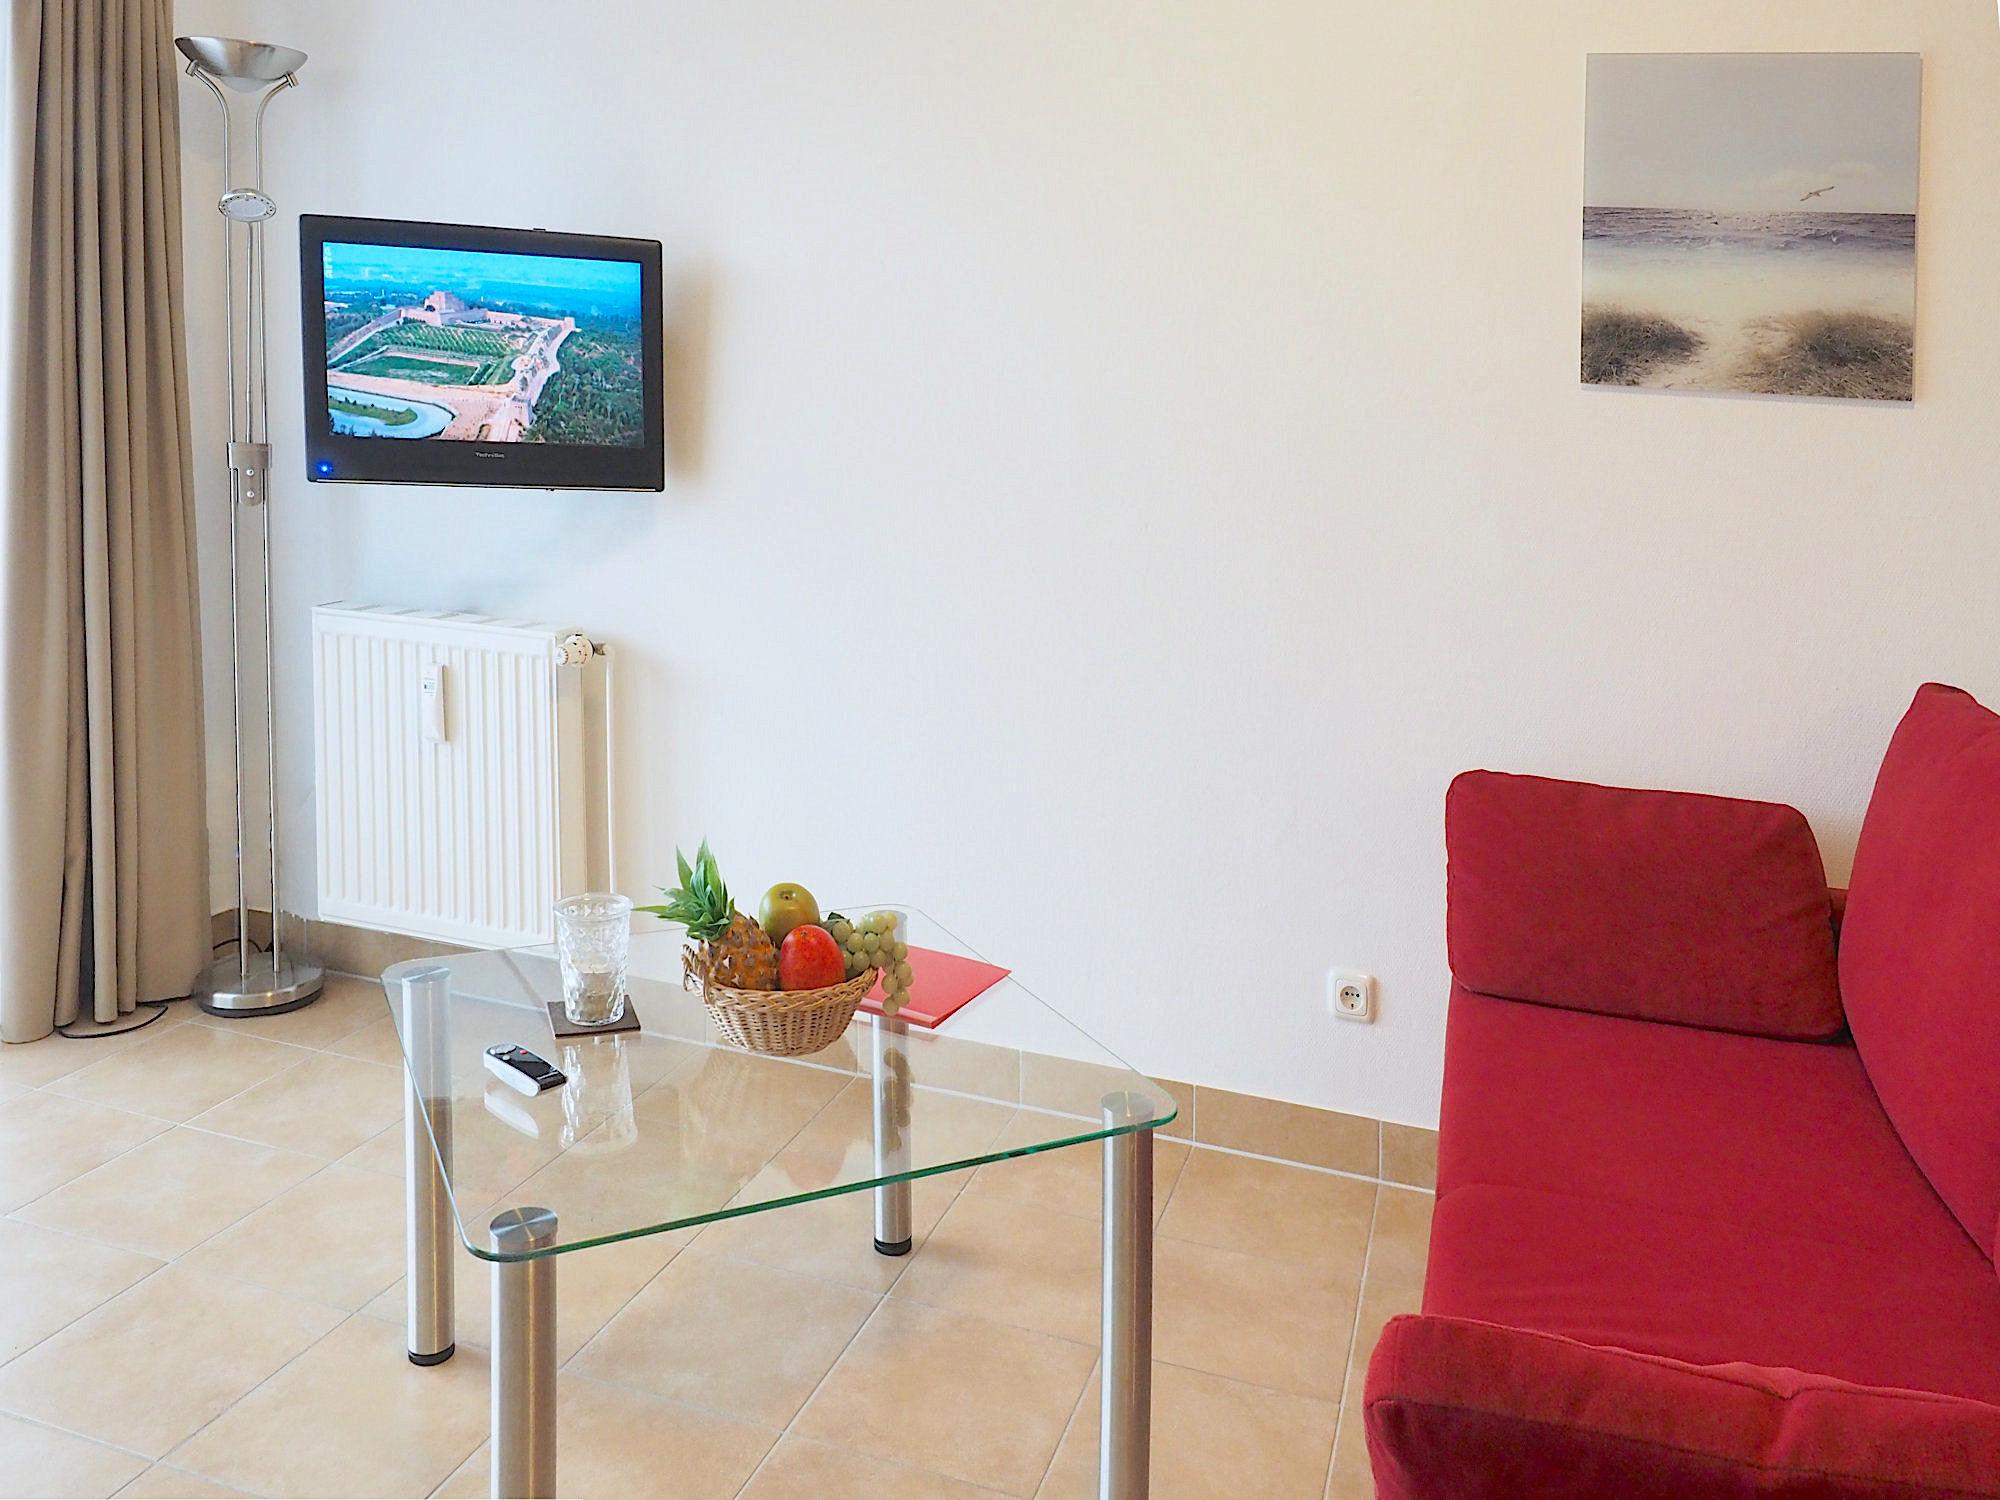 Wohnzimmer mit Couch, Glastisch und Flatscreen TV, an der Wand hängend